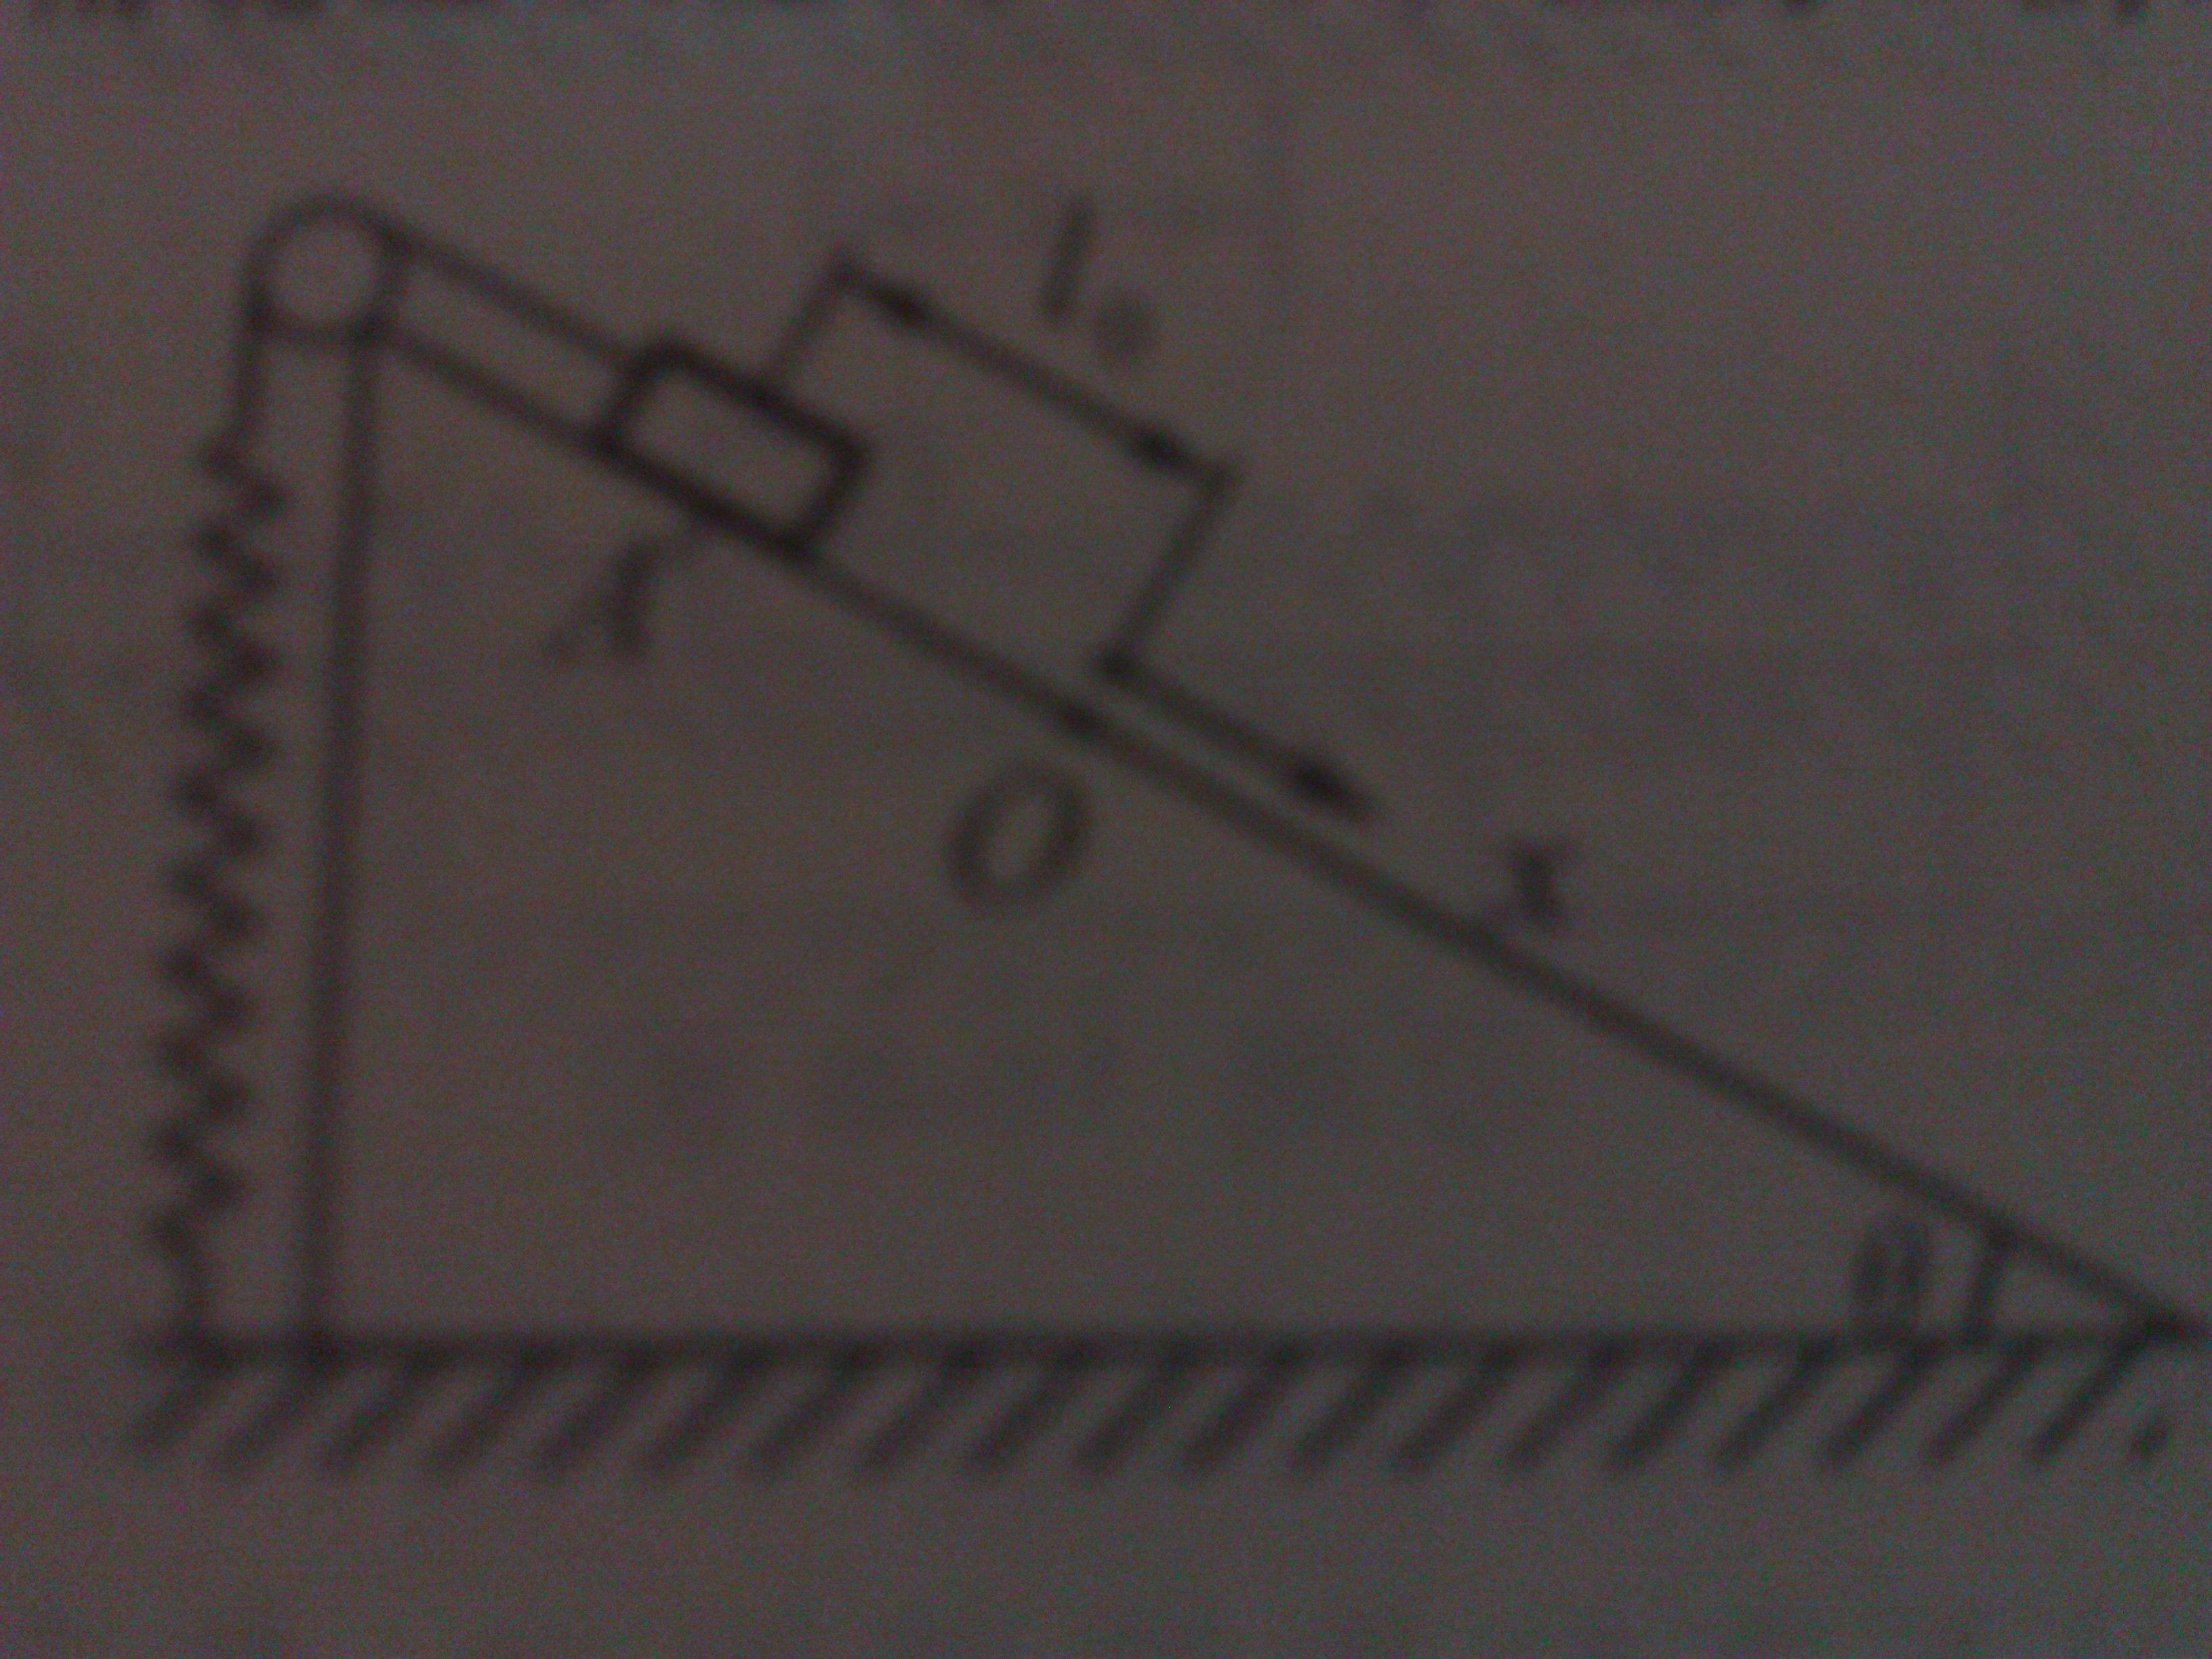 分如图所示,质量为m=lkg的小物块由游泳轻轻放在水平匀速运动的传送带我和教练静止图片